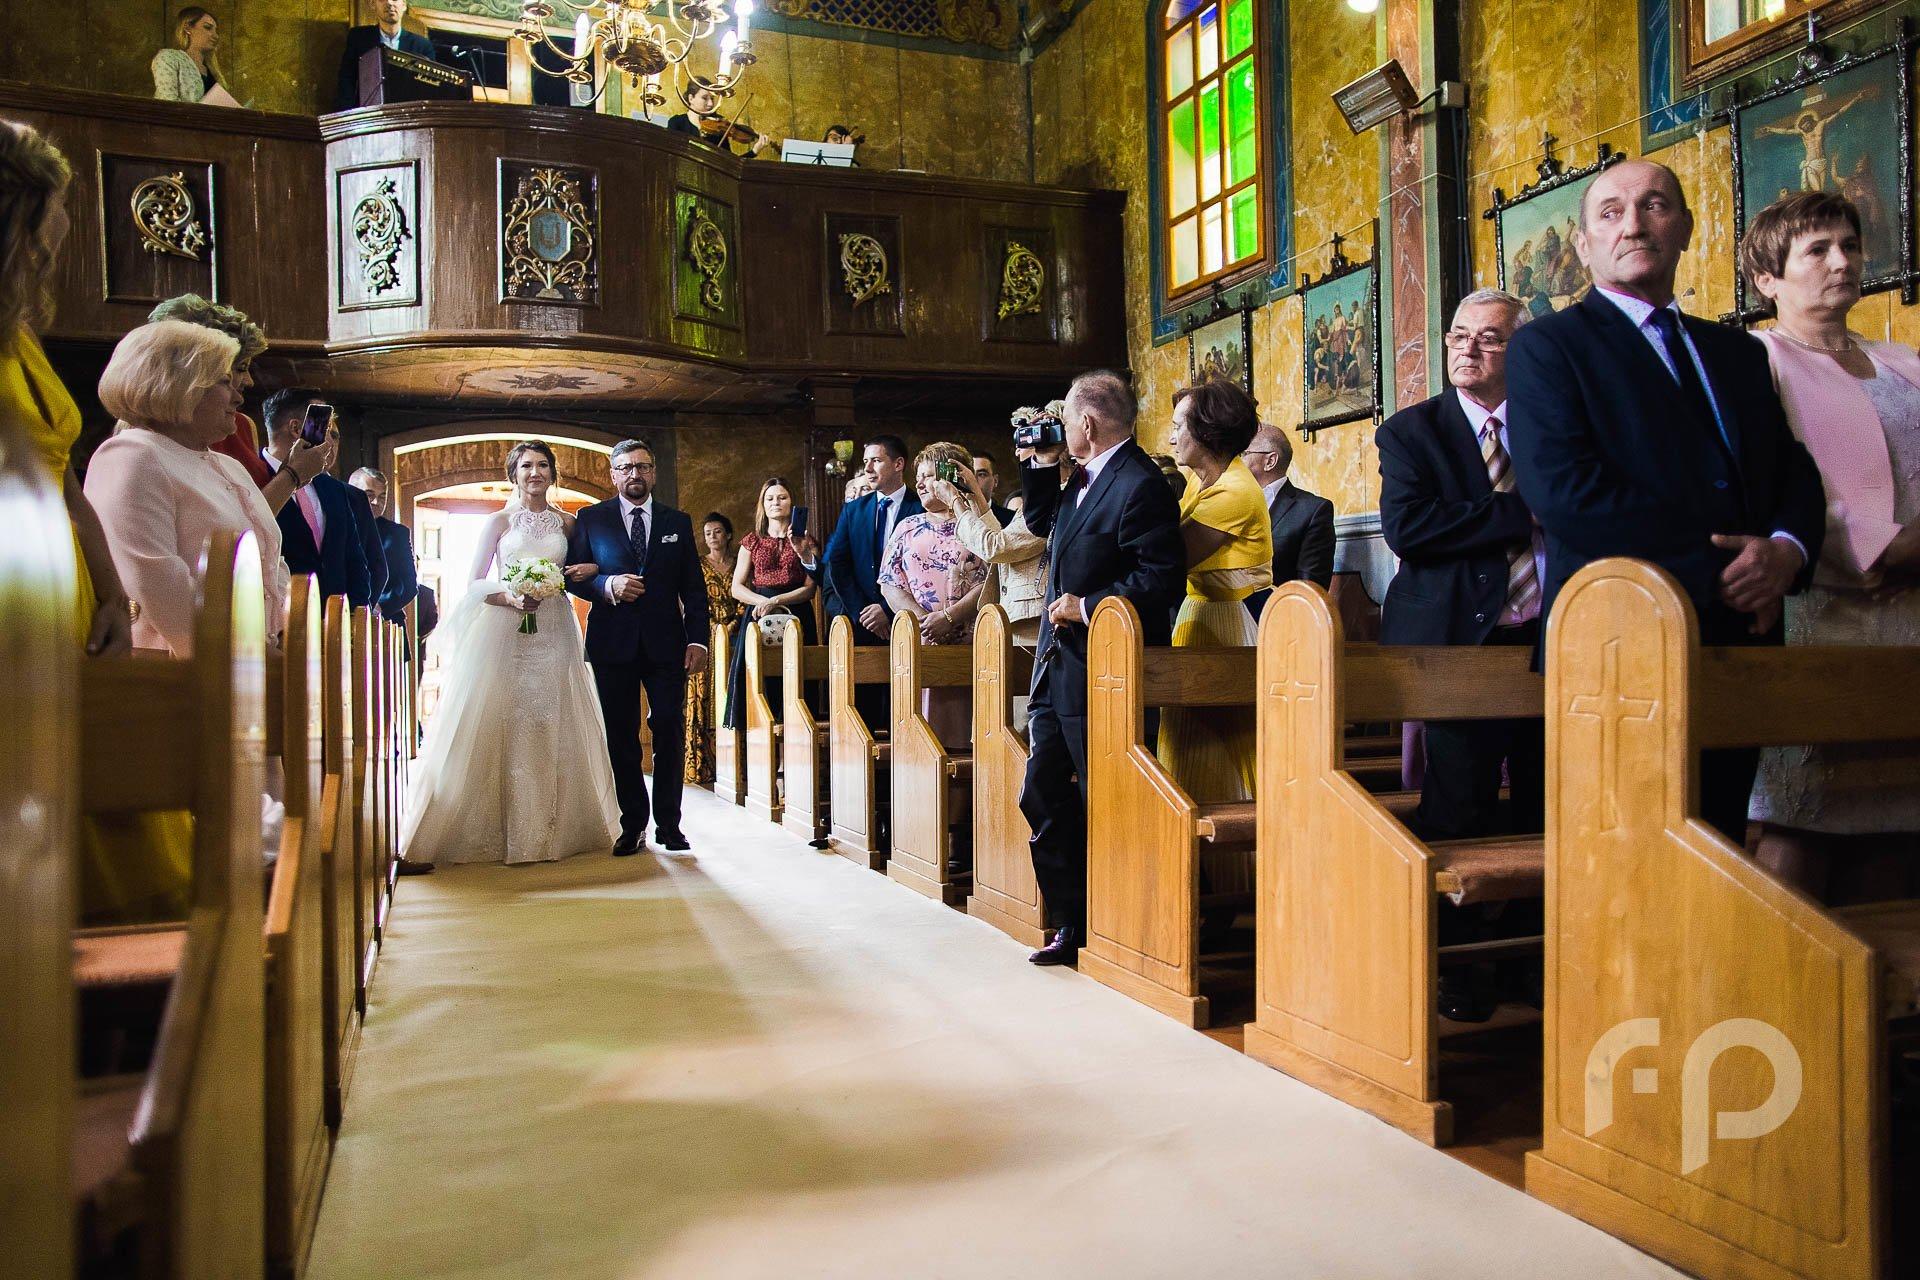 wejście Panny Młodej z Tatą do kościoła